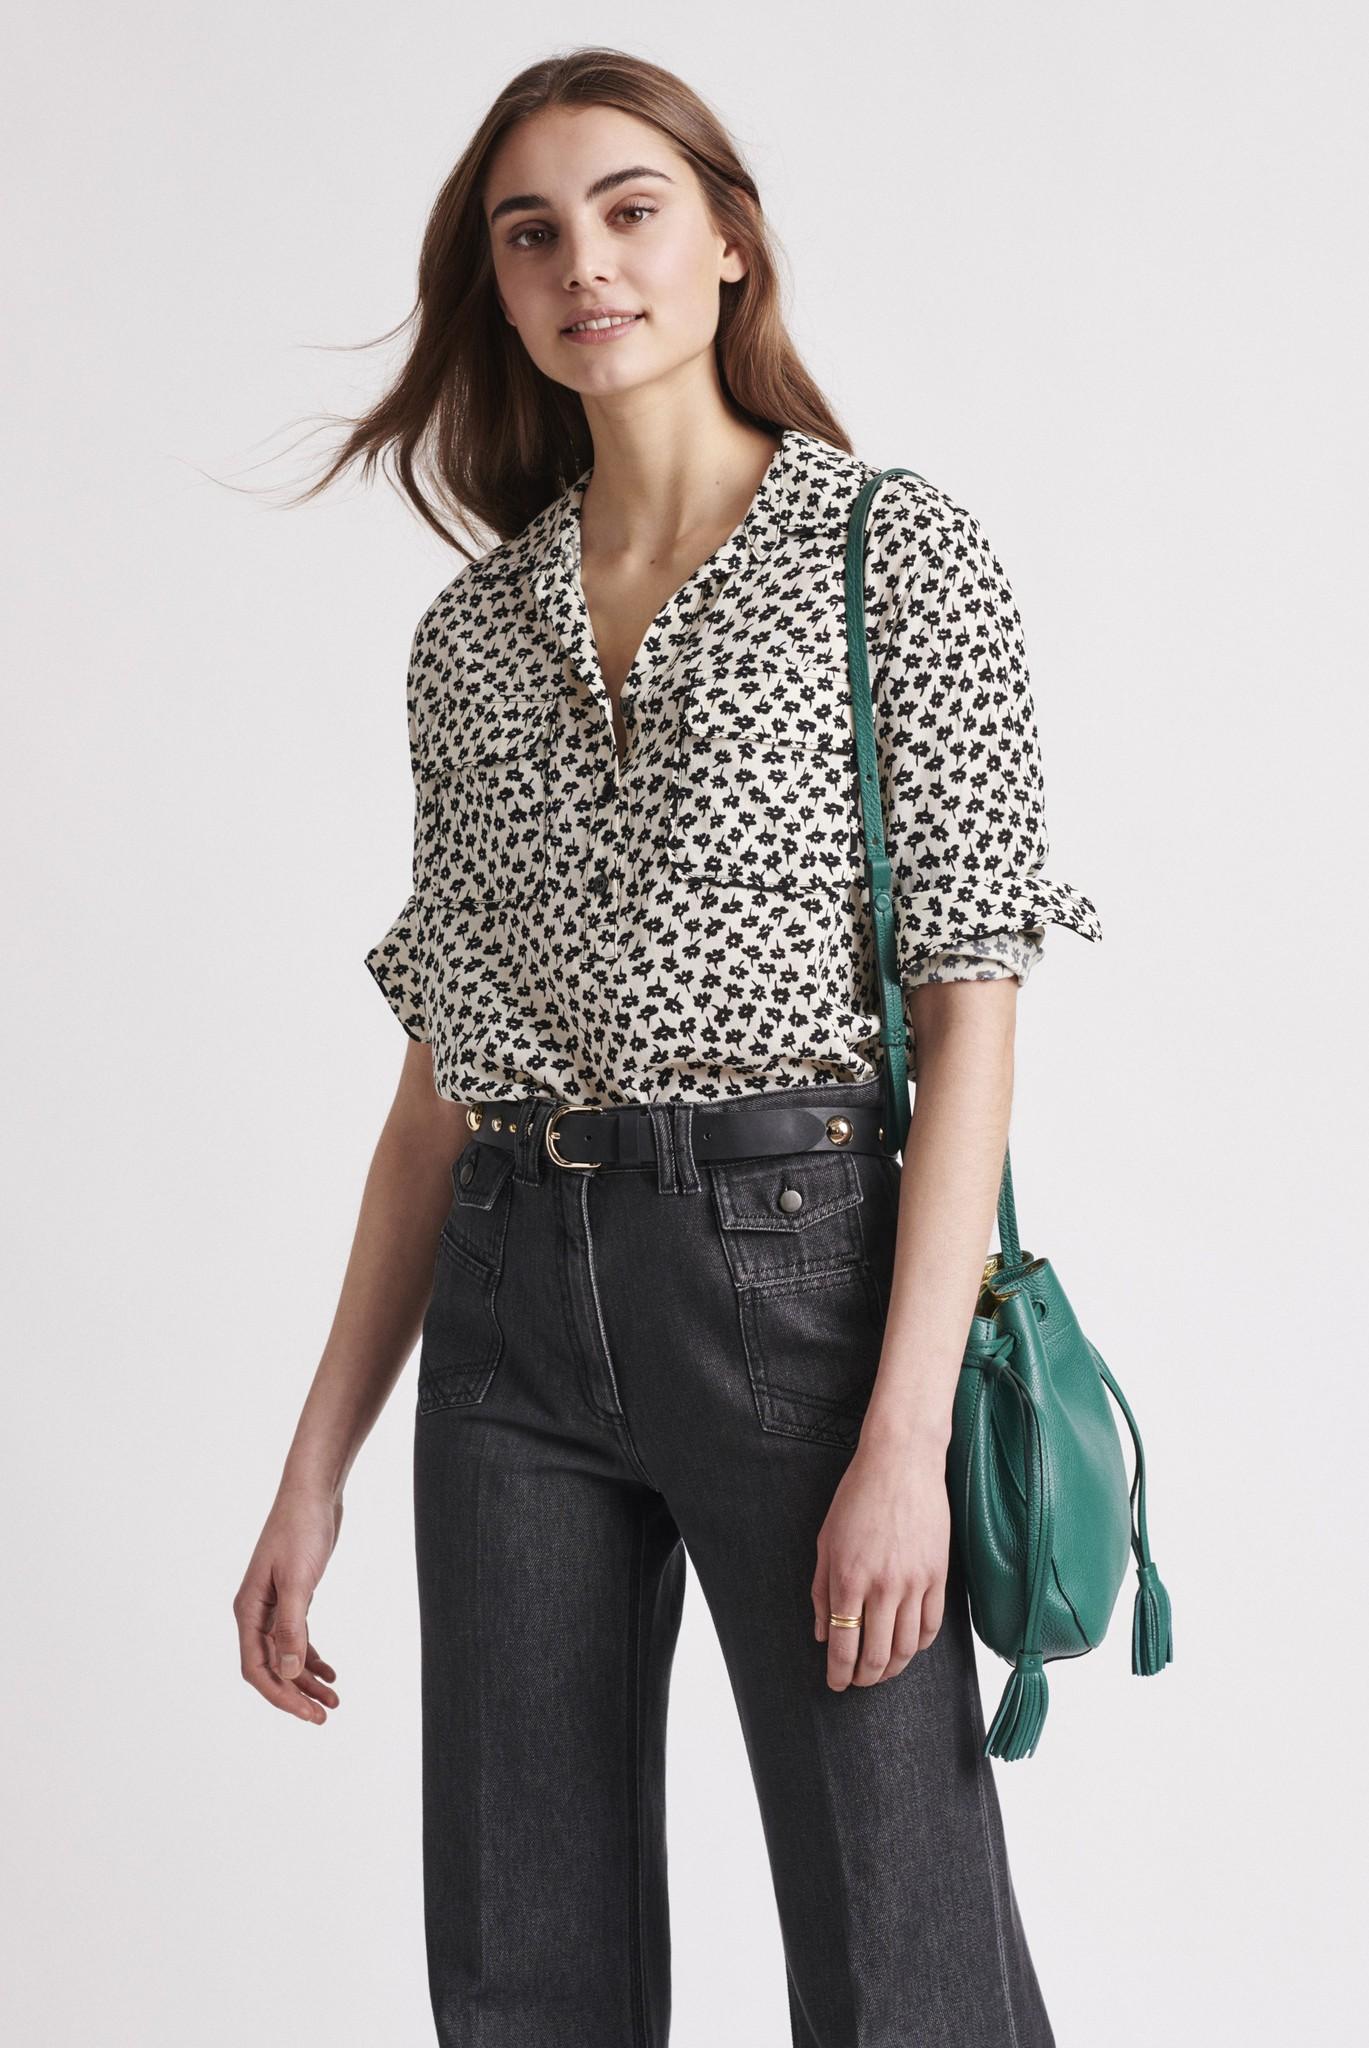 NIKITA - блуза свободного кроя с цветочным принтом